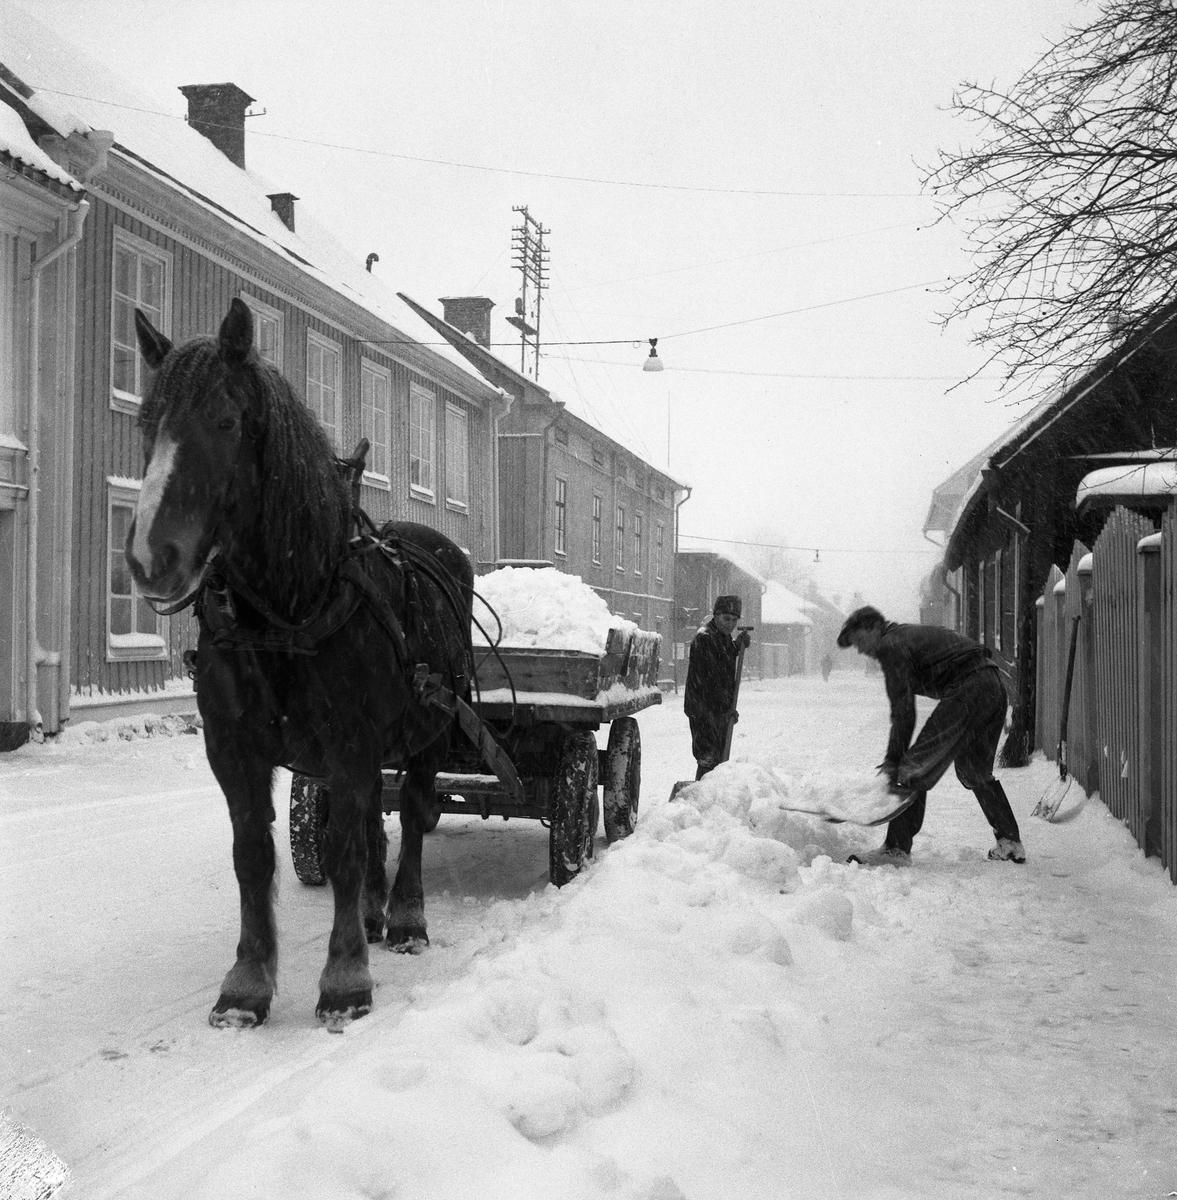 Snöröjning. Tvä män skottar upp snö på en vagn medan hästen tålmodigt väntar i snöfallet.